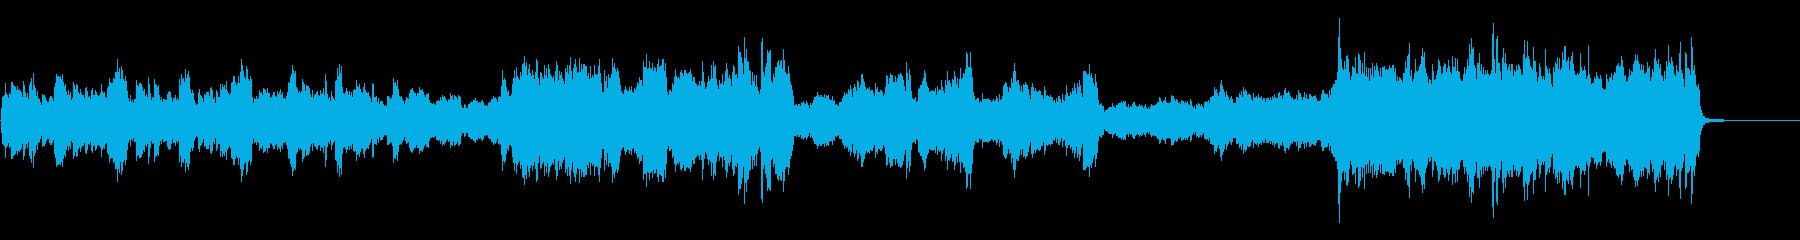 快活なピアノソロの再生済みの波形